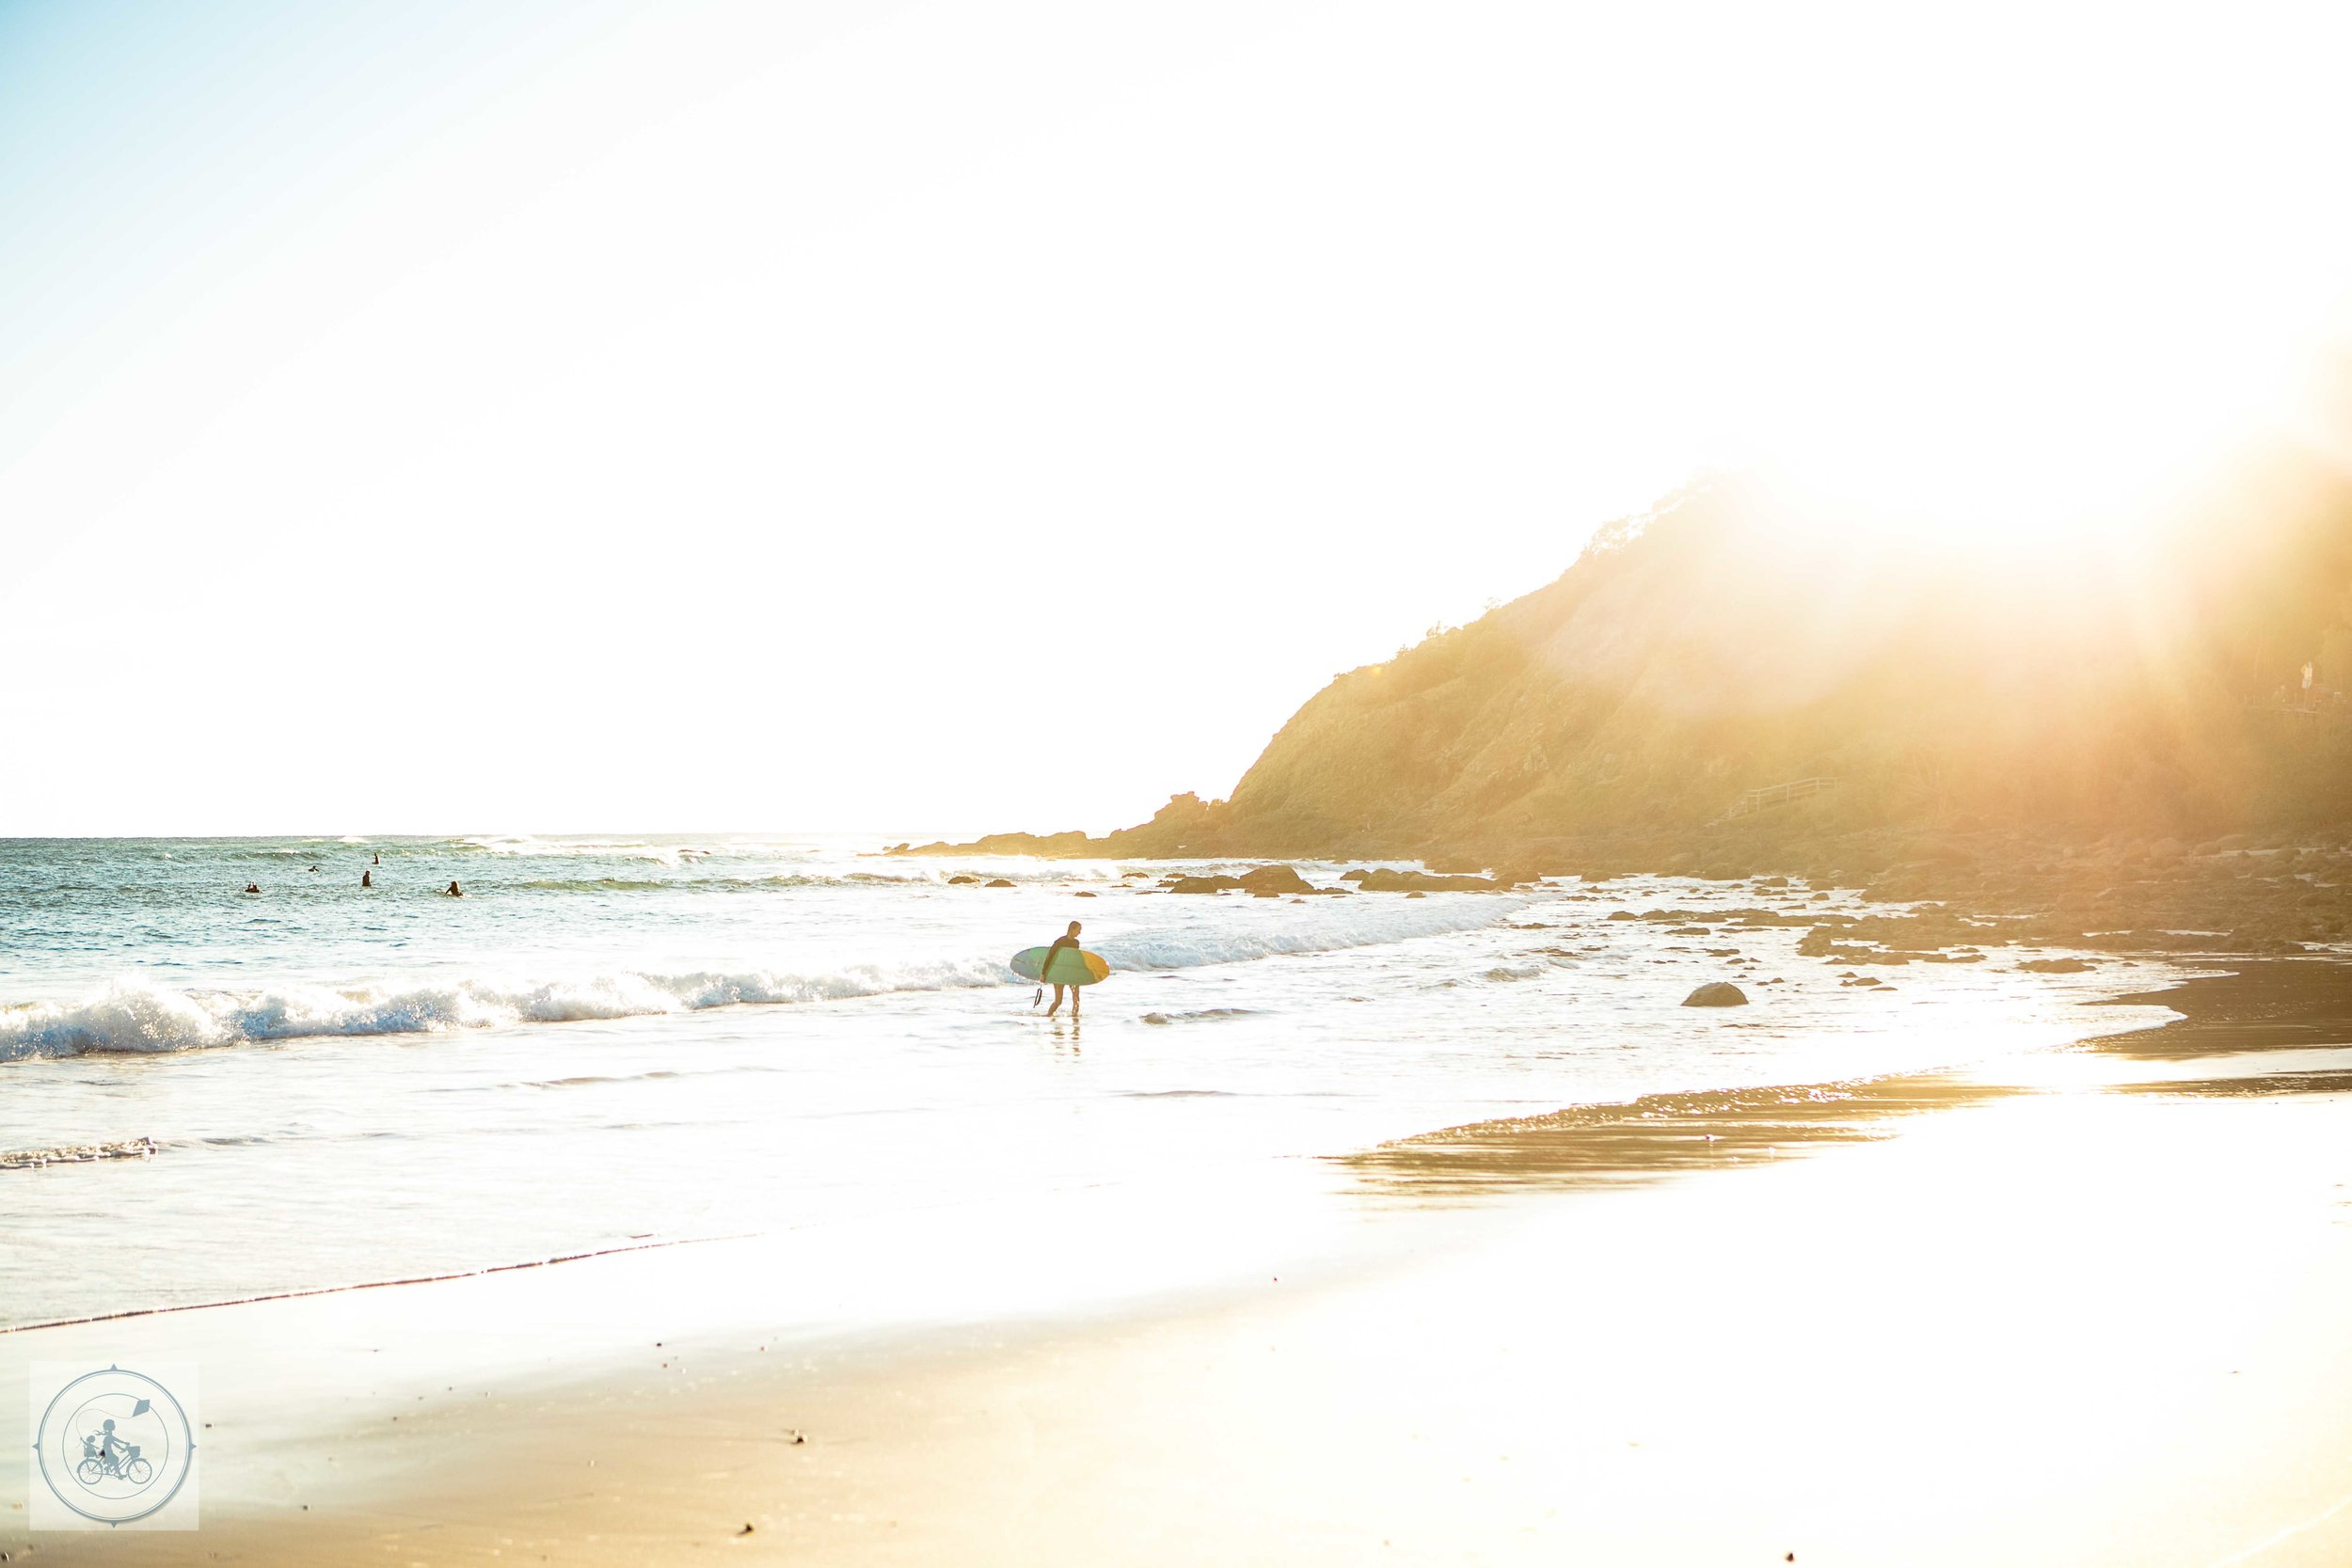 wategos beach - Mamma Knows Byron